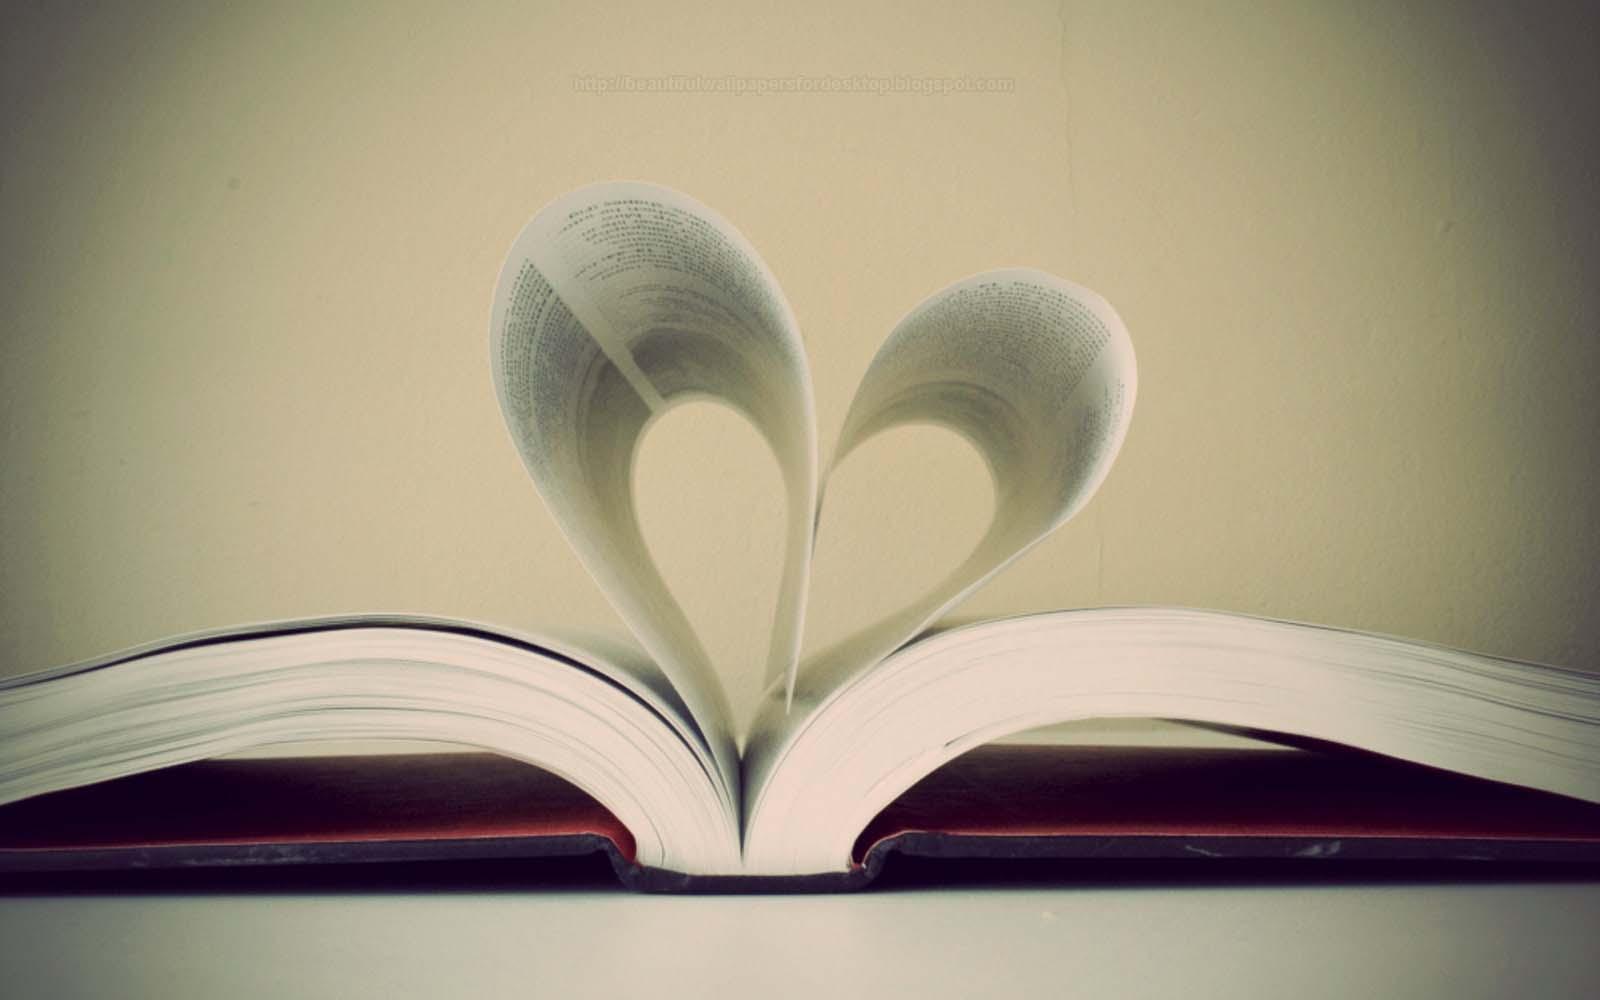 63 633780 wallpaper cinta lengkap open book new chapter